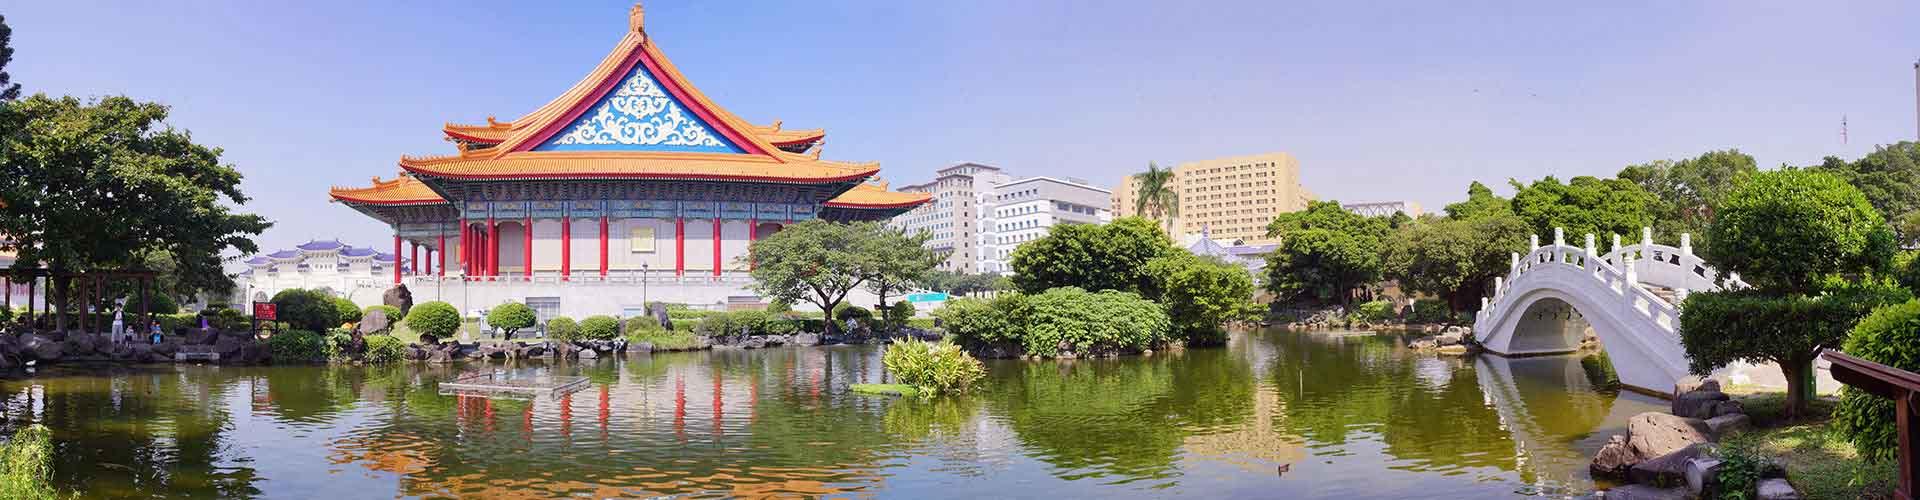 Taipei - Hostelů v Taipei. Mapy pro Taipei, fotky a recenze pro každý hostel v Taipei.